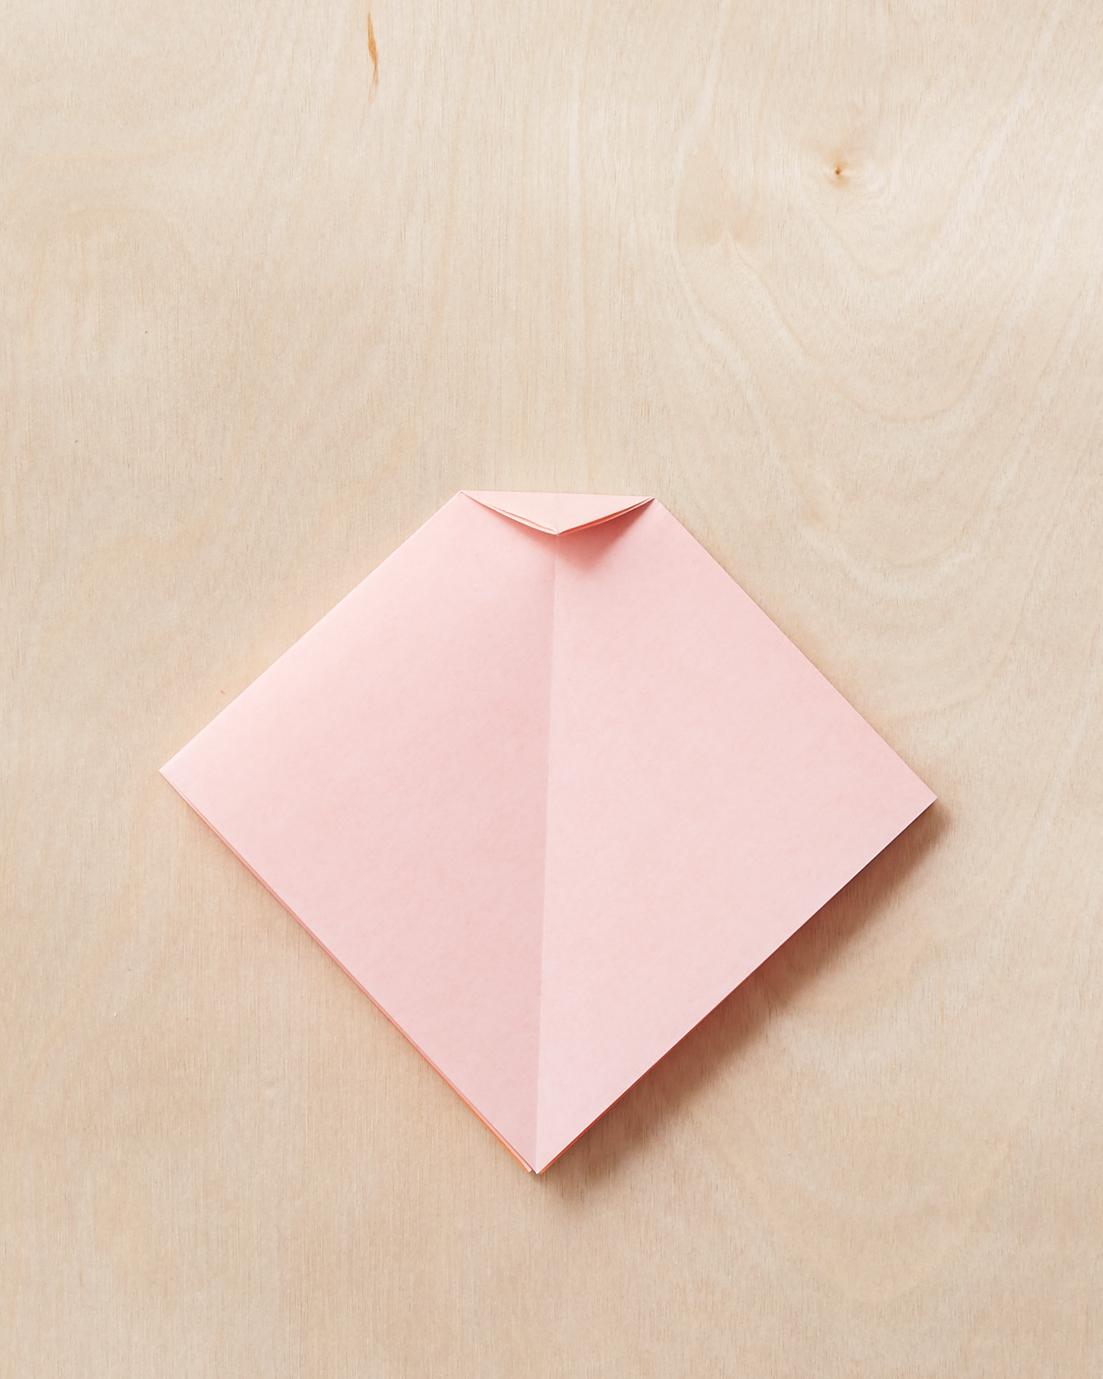 origami-bow-3-189-mwd110795.jpg